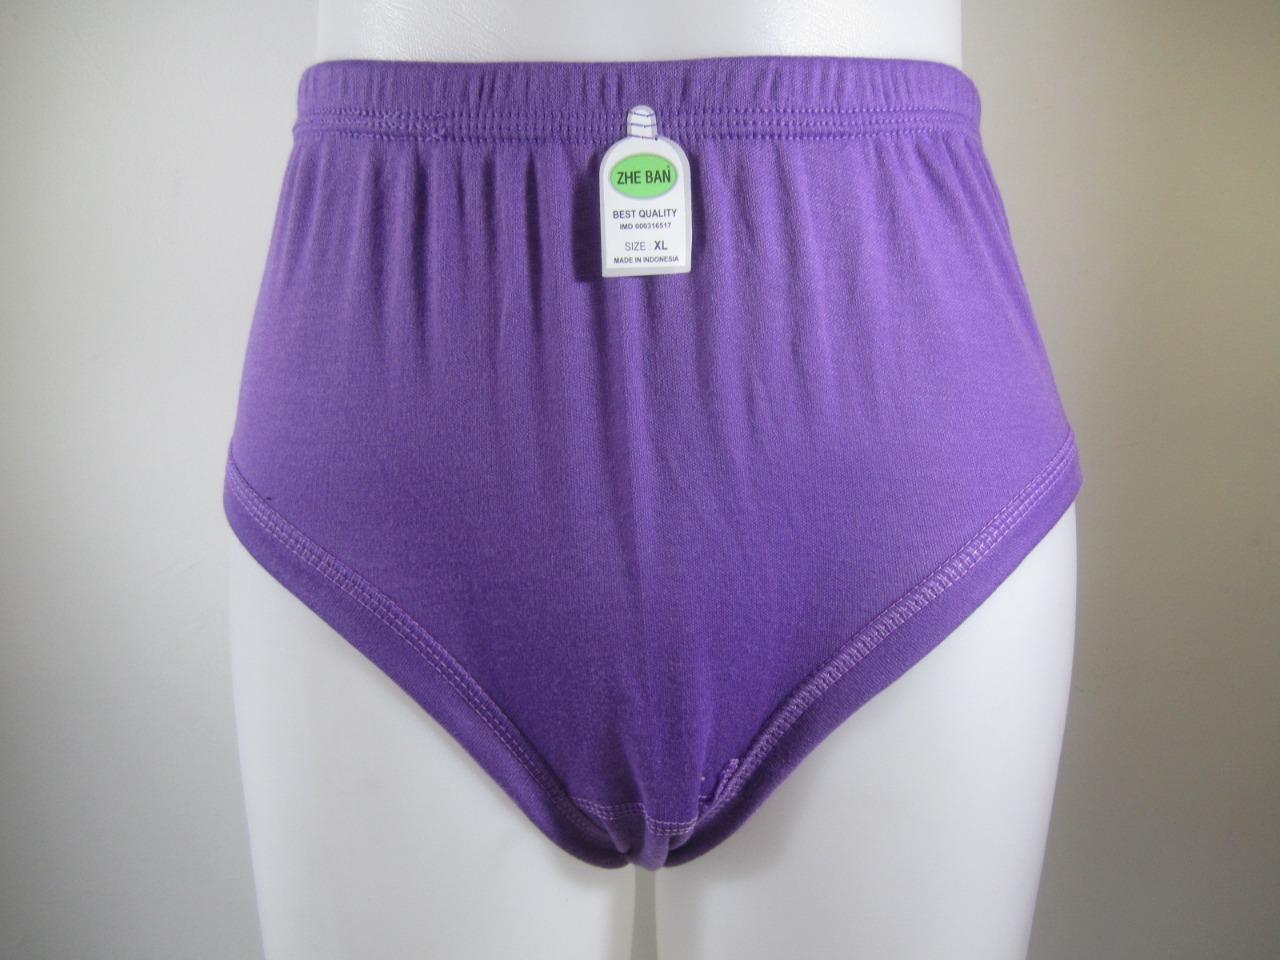 729e53361 Zhe - ban Pakaian Dalam Celana Dalam / CD Wanita Perempuan Maxi Bahan Katun  Adem Murah